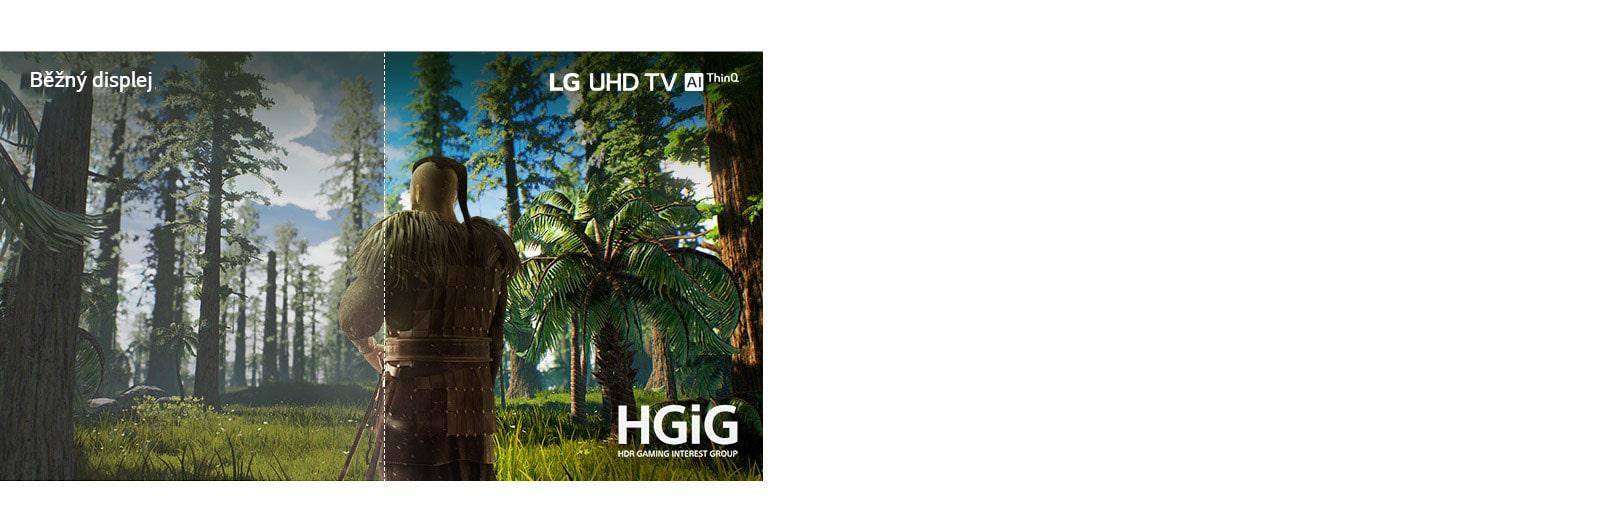 Obrazovka televizoru sherní scénou, ve které stojí muž uprostřed lesa. Polovina je zobrazena na běžném obrazovce snízkou kvalitou obrazu. Druhá polovina je ostré aživé kvalitě obrazu televizoru LG UHD.